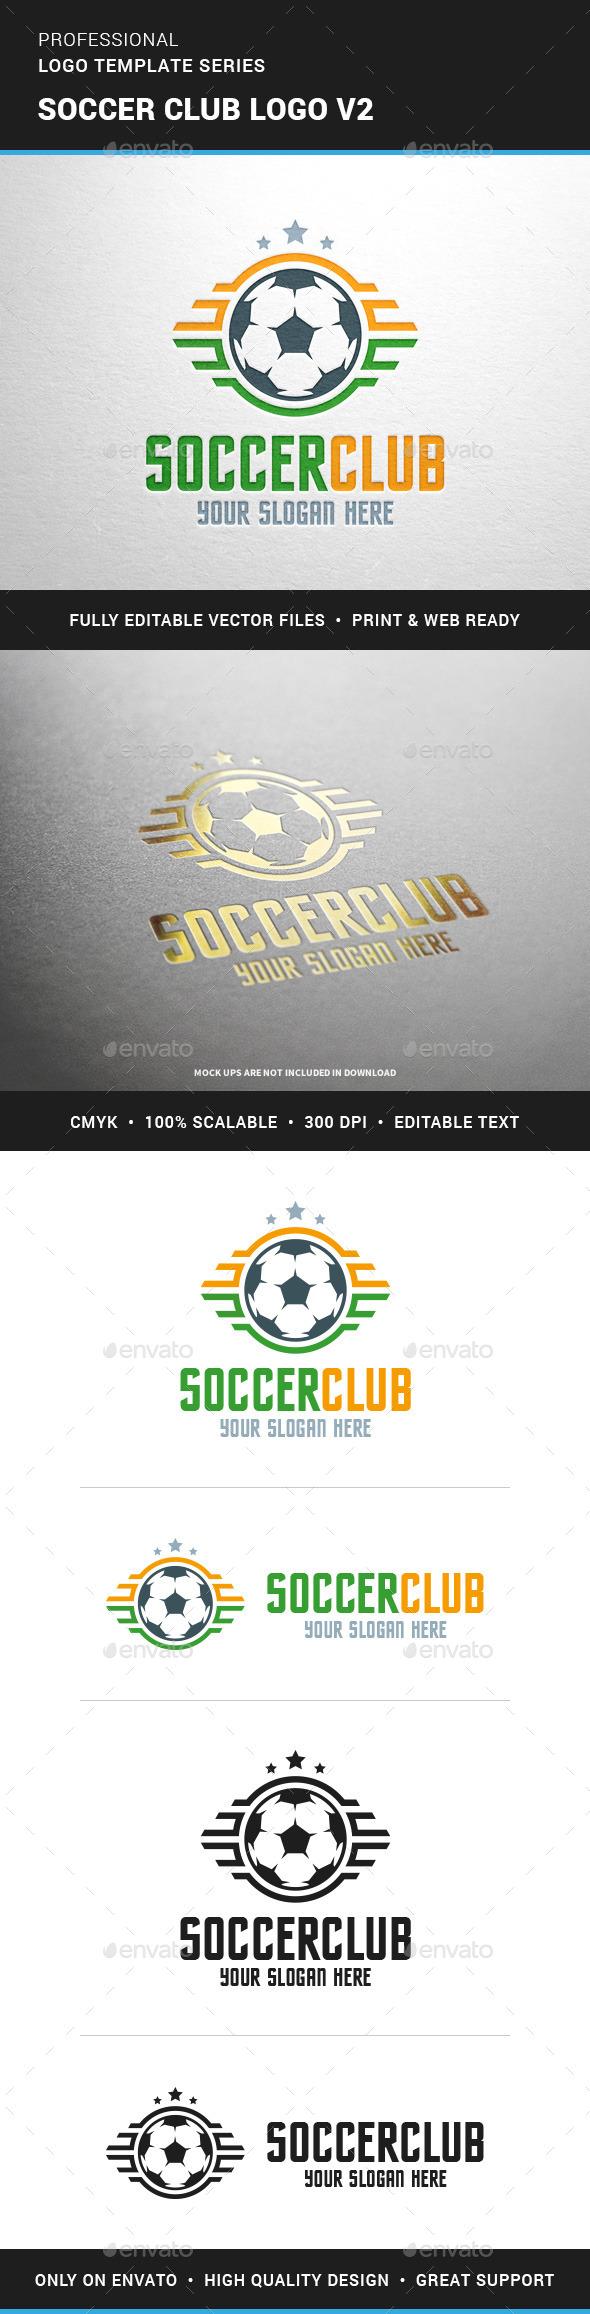 Soccer Club Logo Template v2